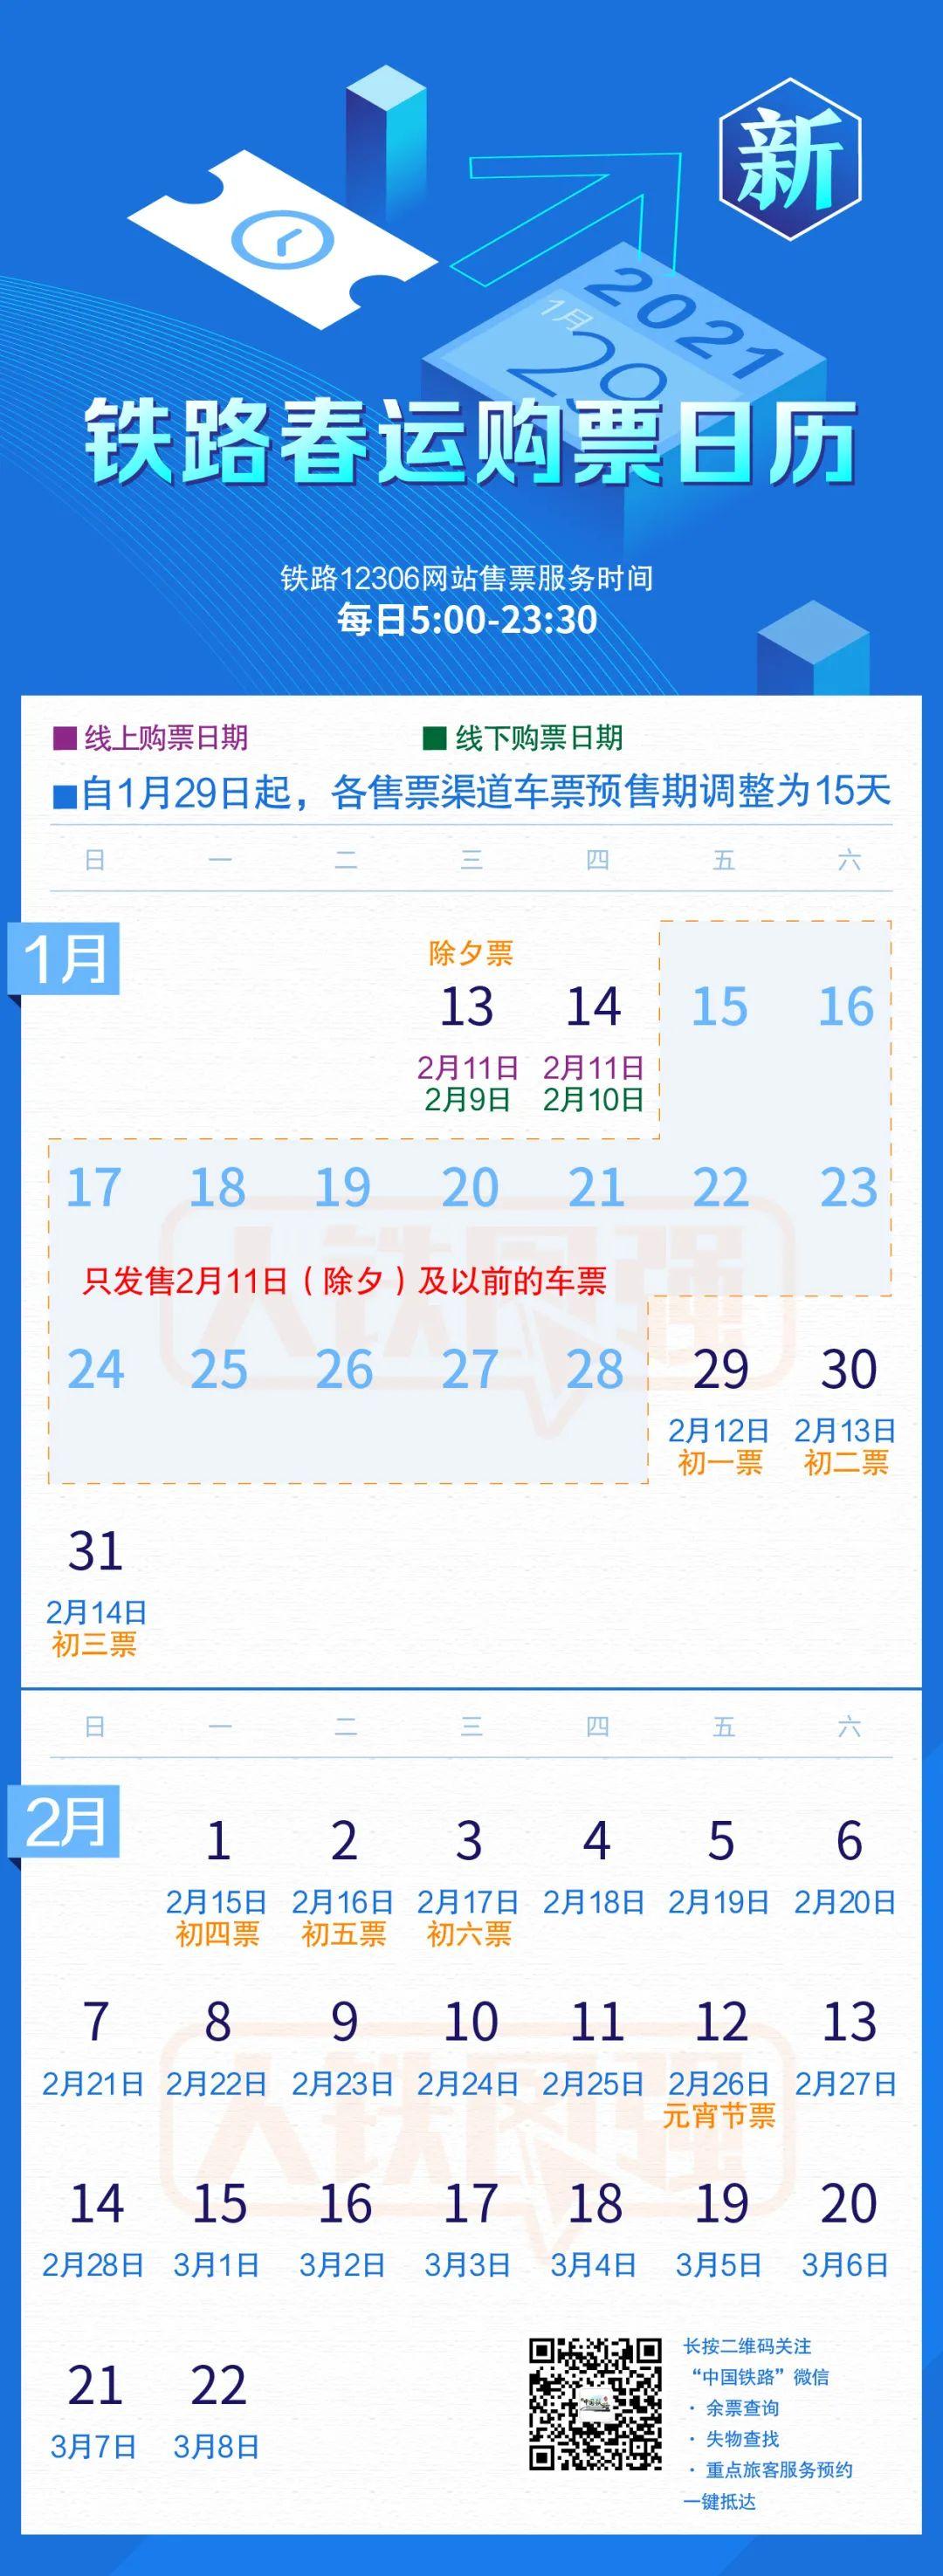 【mtgox】_缩短至15天!铁路部门调整车票预售期 开车前8天及以上退票免费